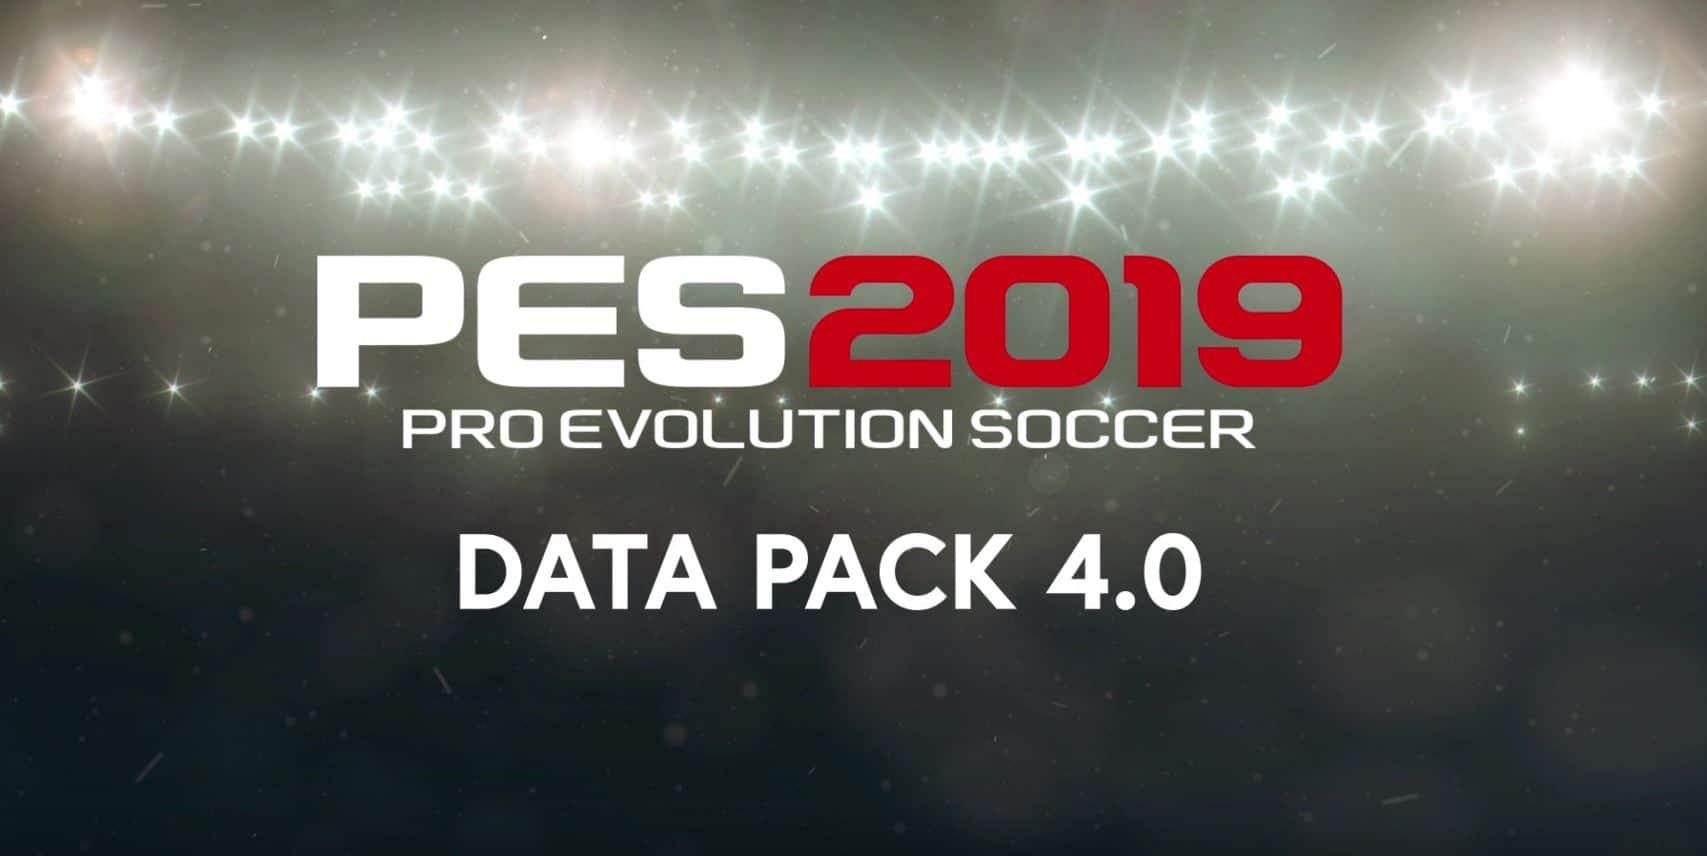 d5fba1caab Legendäre Stadien und mehr – Data Pack 4.0 für PES 2019 ab sofort verfügbar  .